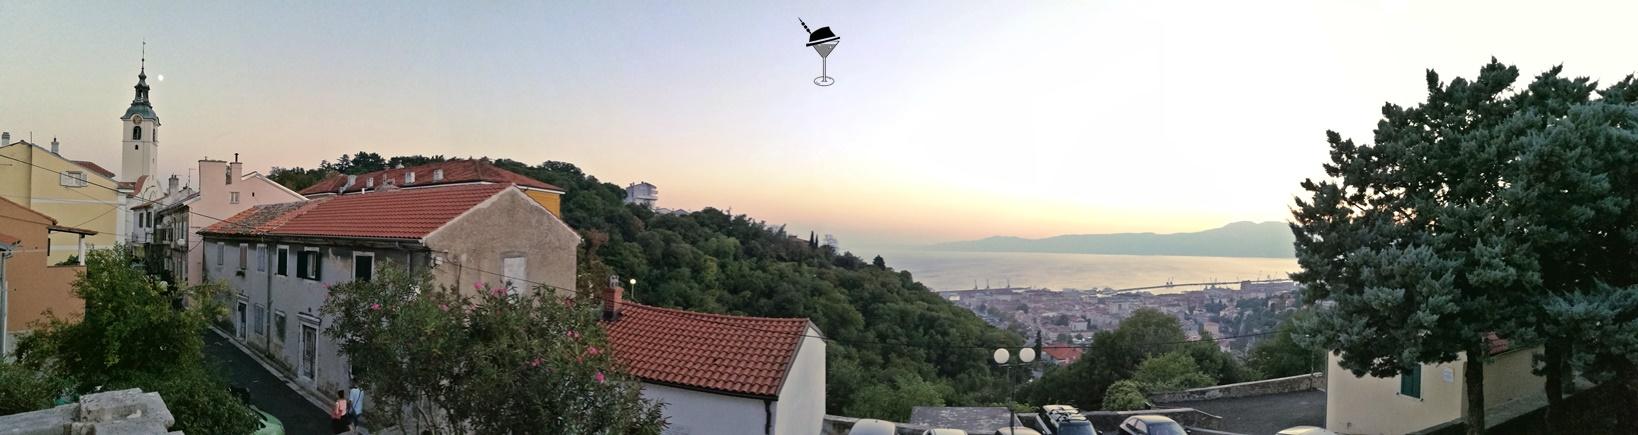 Helikopter nélkül Fiumében - Rijeka - Kocsmaturista - Trsat panoráma